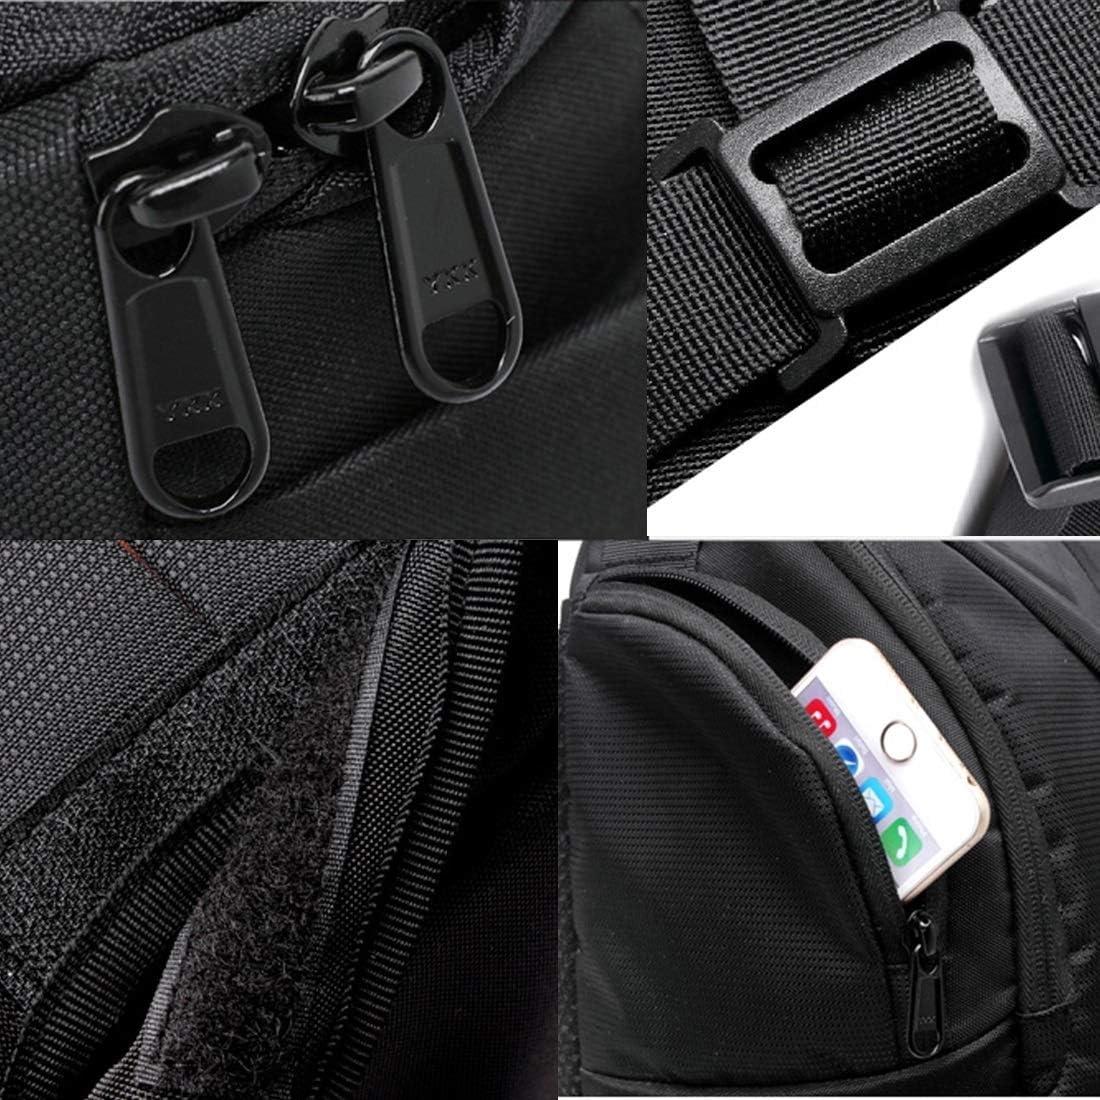 SJCAM Apple Canon Samsung Huawei Xiaomi Xiaoyi YI Size: 25. Nikon Goodao DL-B016 Portable Waterproof Scratch-proof Outdoor Sports Sling Shoulder Bag Camera Bag Phone Tablet Bag for GoPro iPad